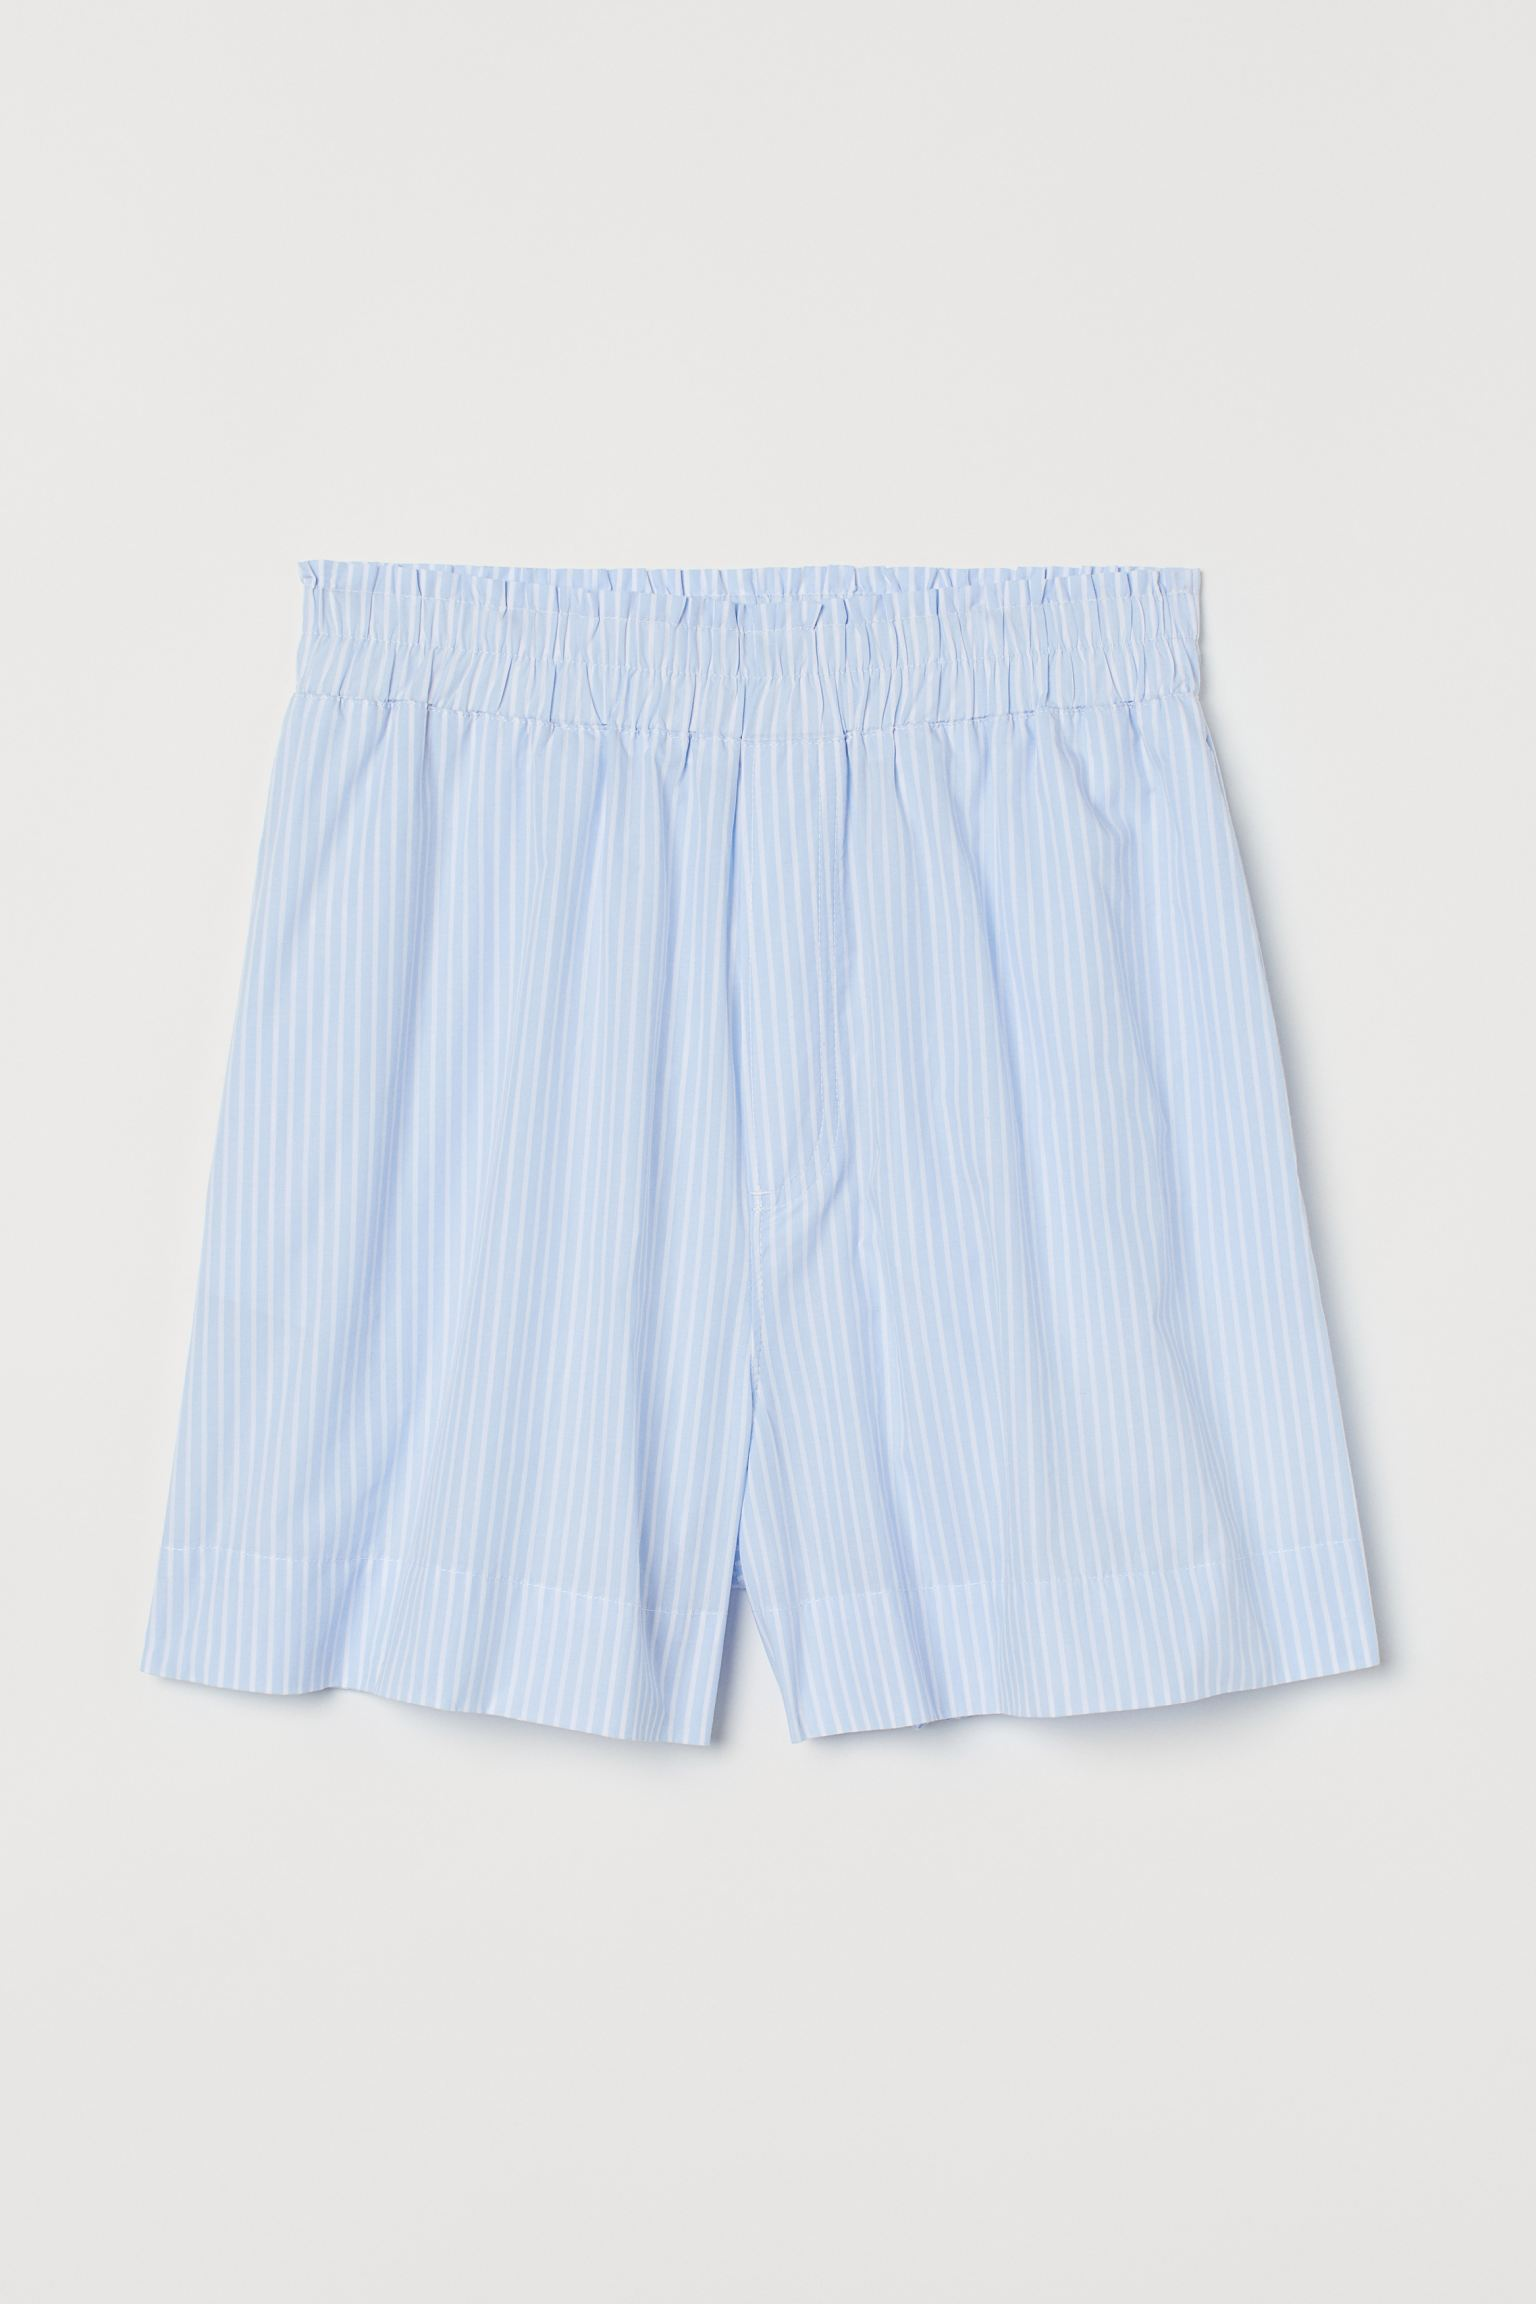 Pantalón corto de algodón de estilo pijamero